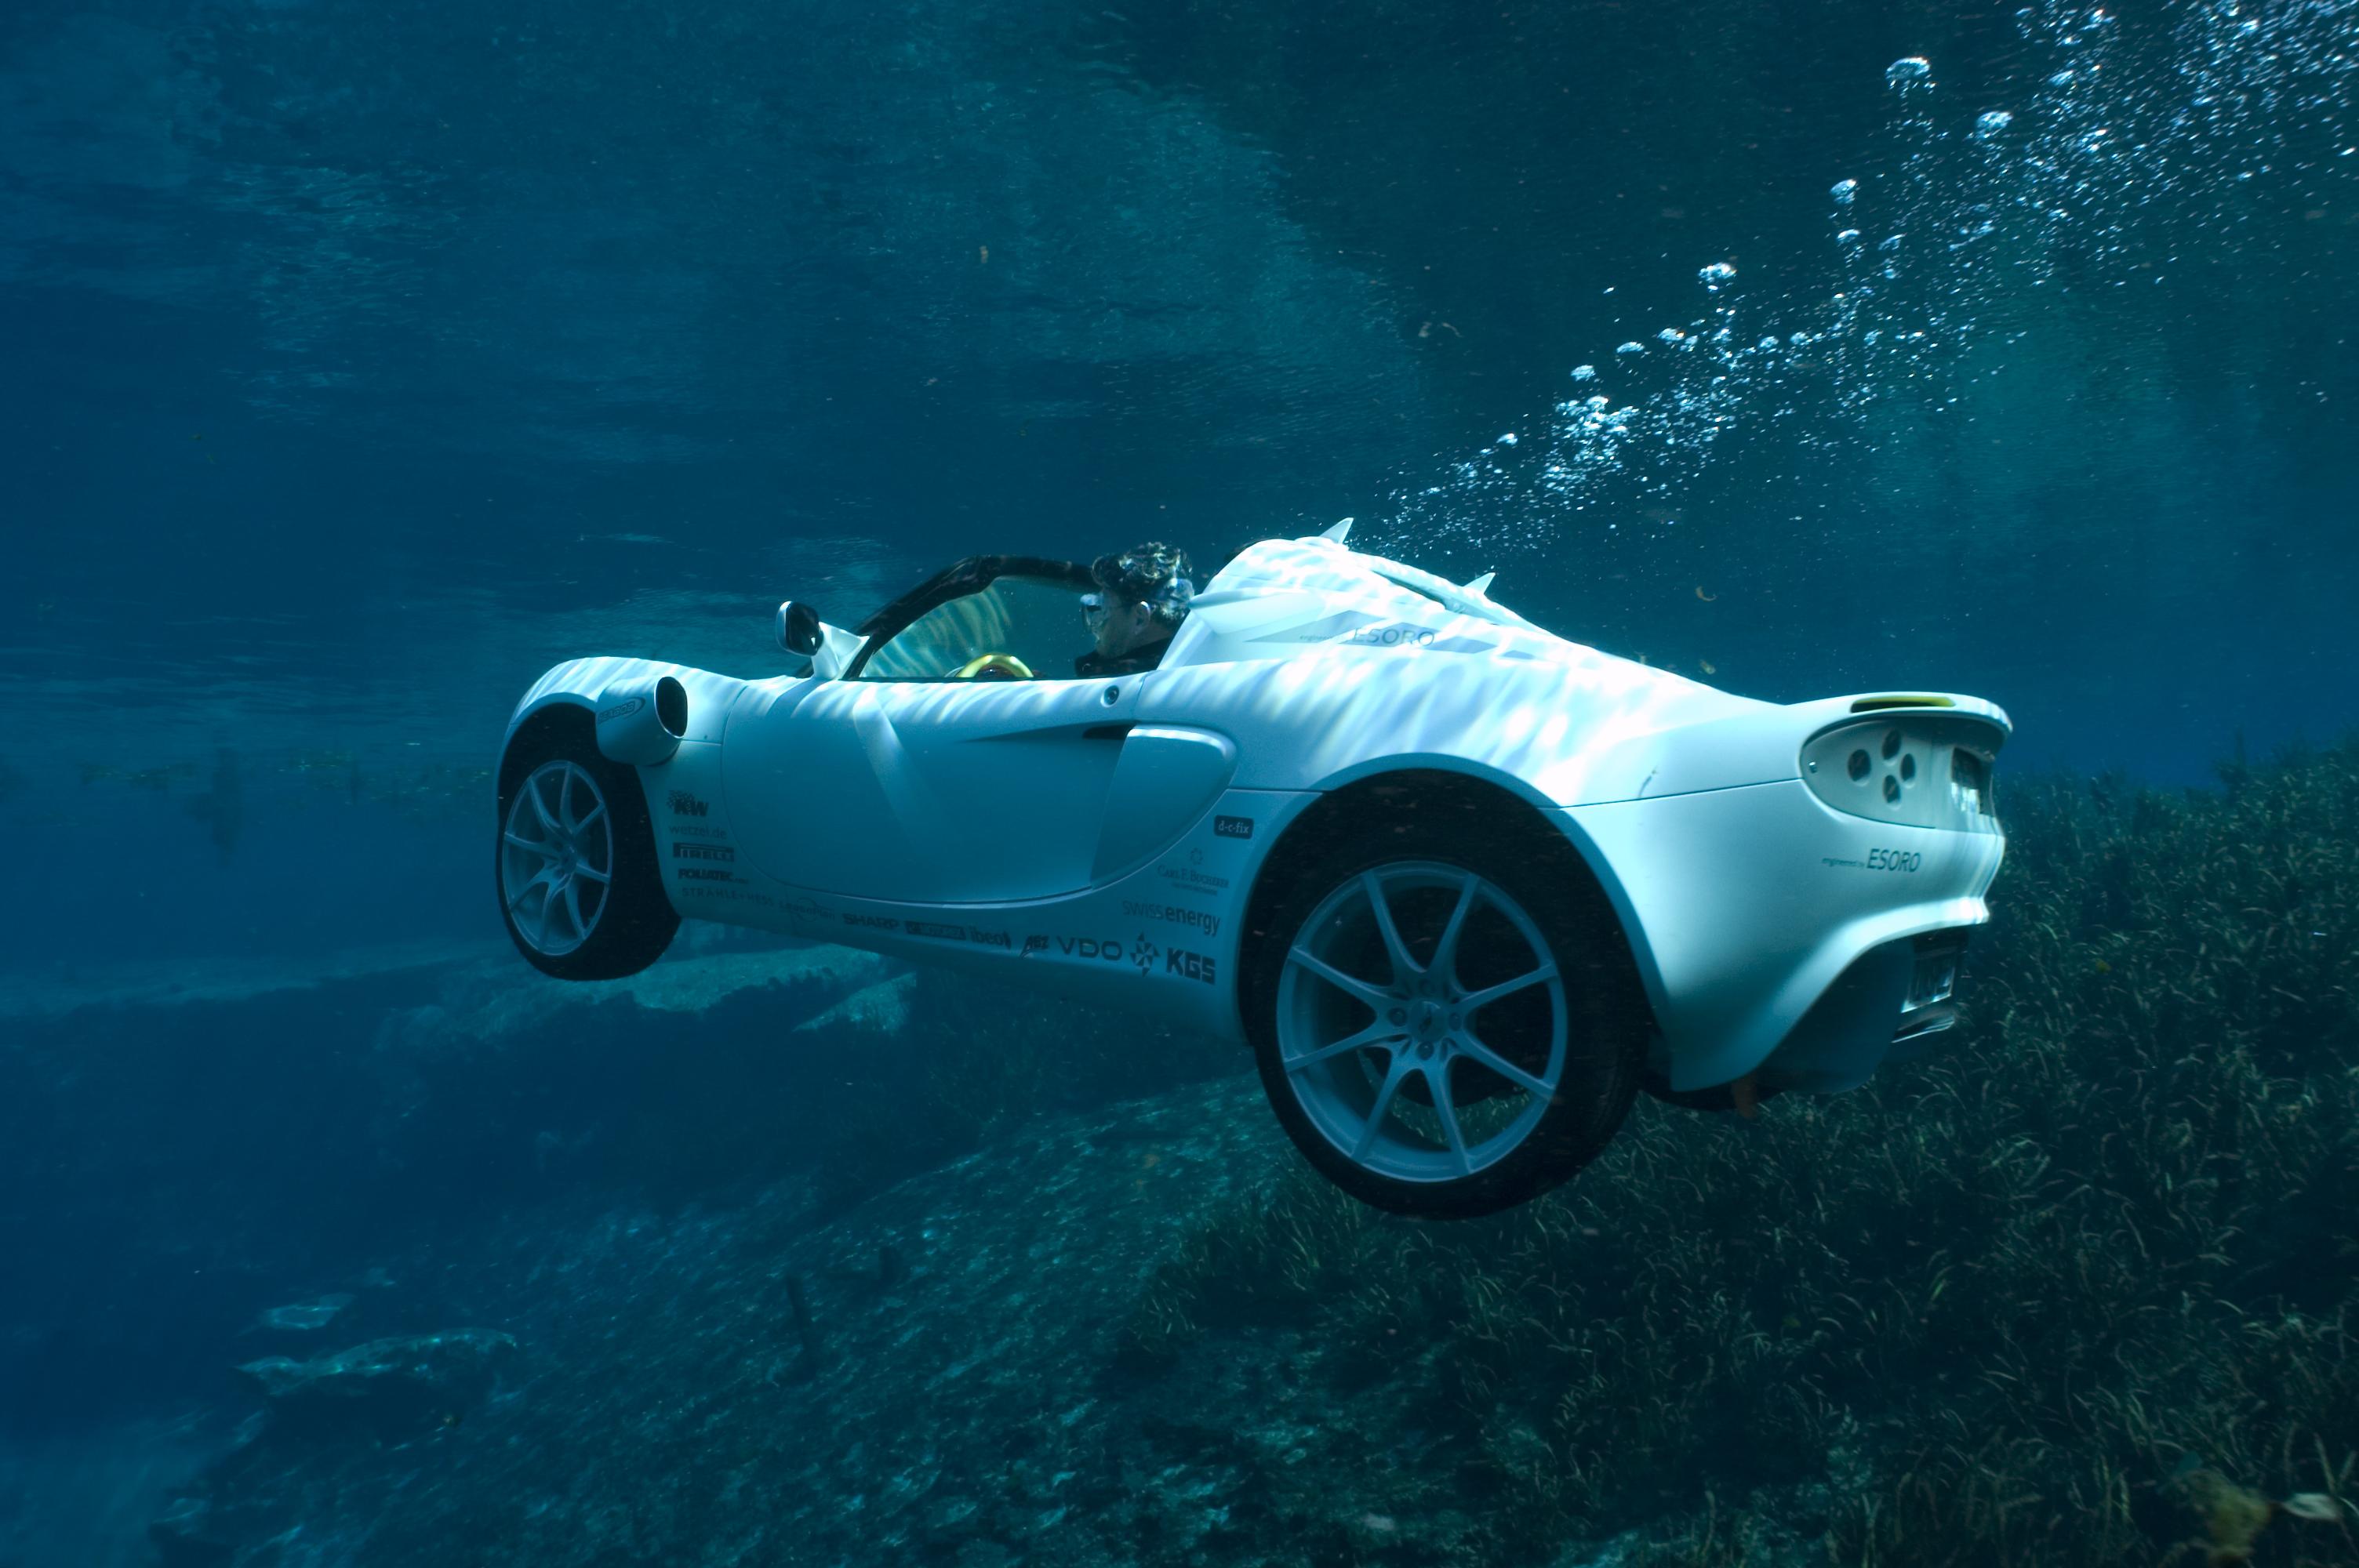 Фото автомобилей под водой